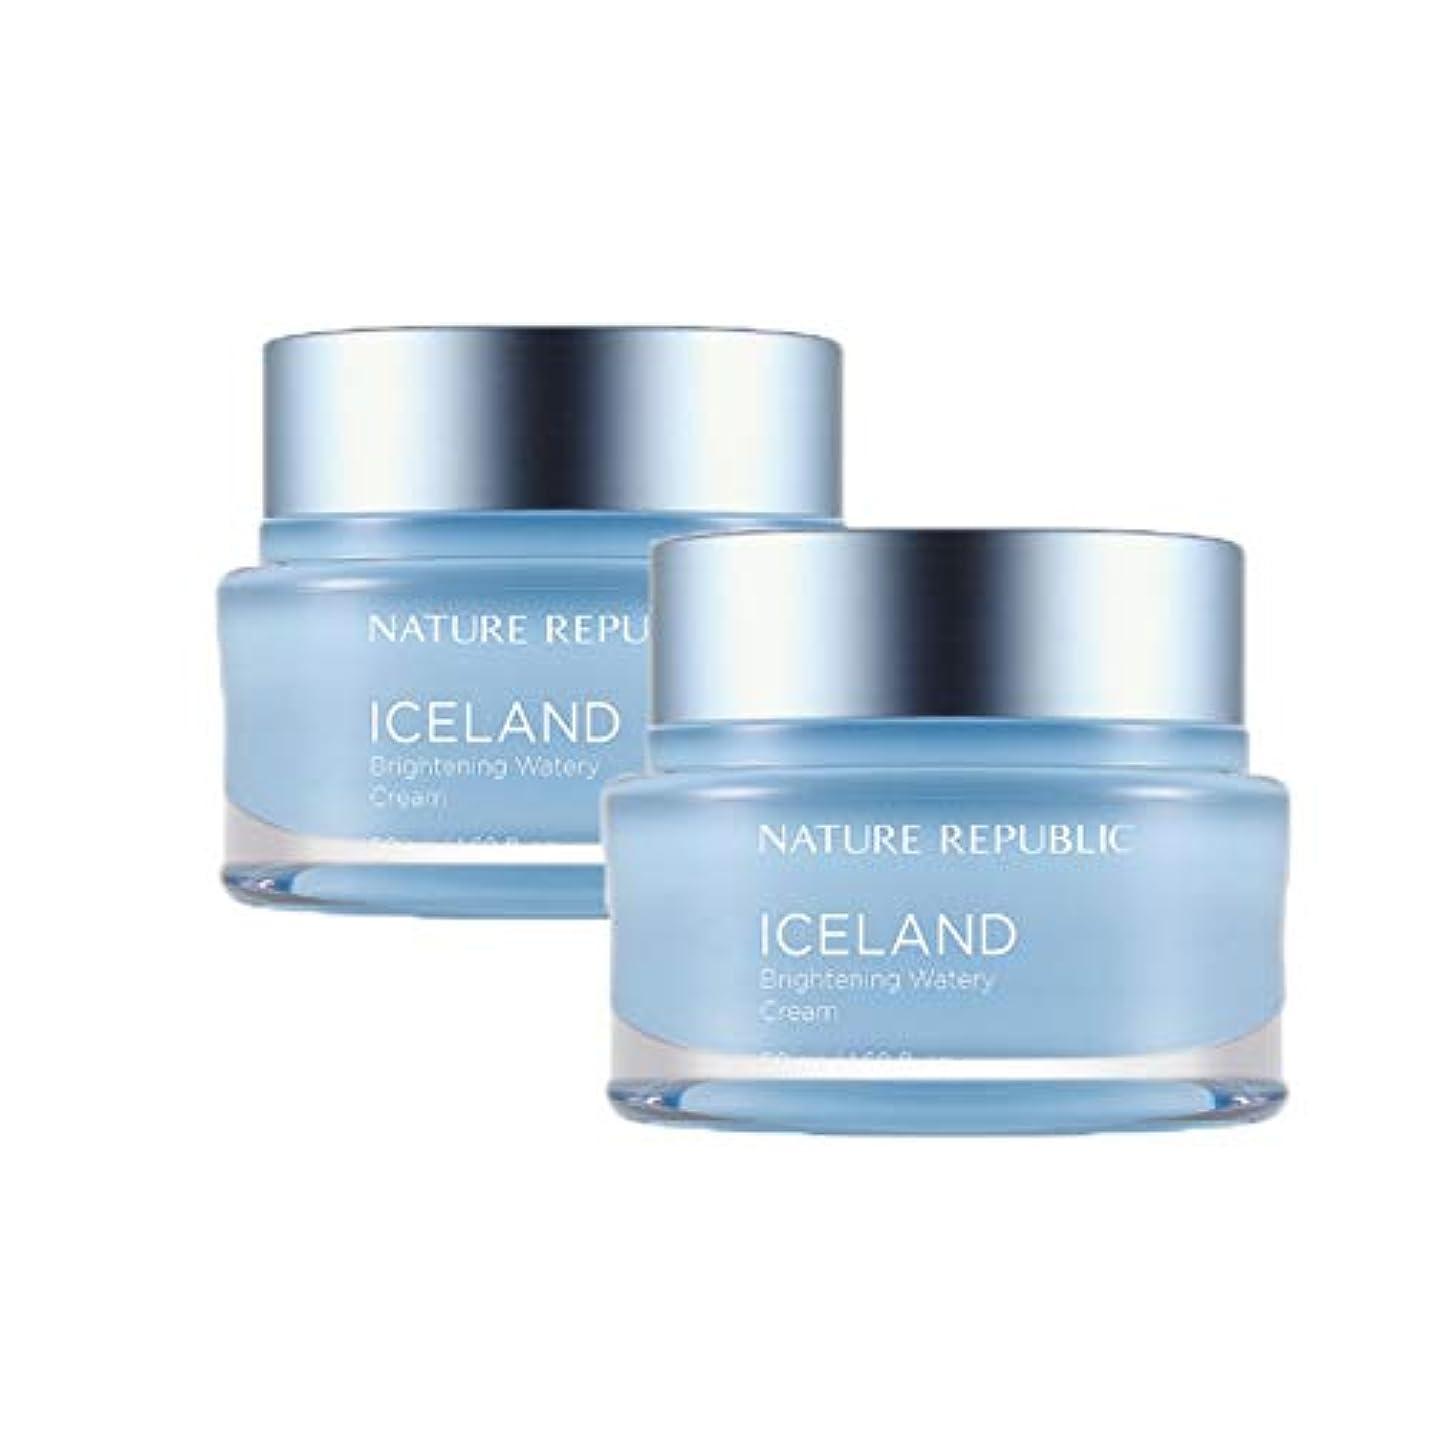 自分を引き上げる対処するアパルネイチャーリパブリックアイスランドブライトニング水分クリーム50mlx2本セット韓国コスメ、Nature Republic Iceland Brightening Watery Cream 50ml x 2ea Set...